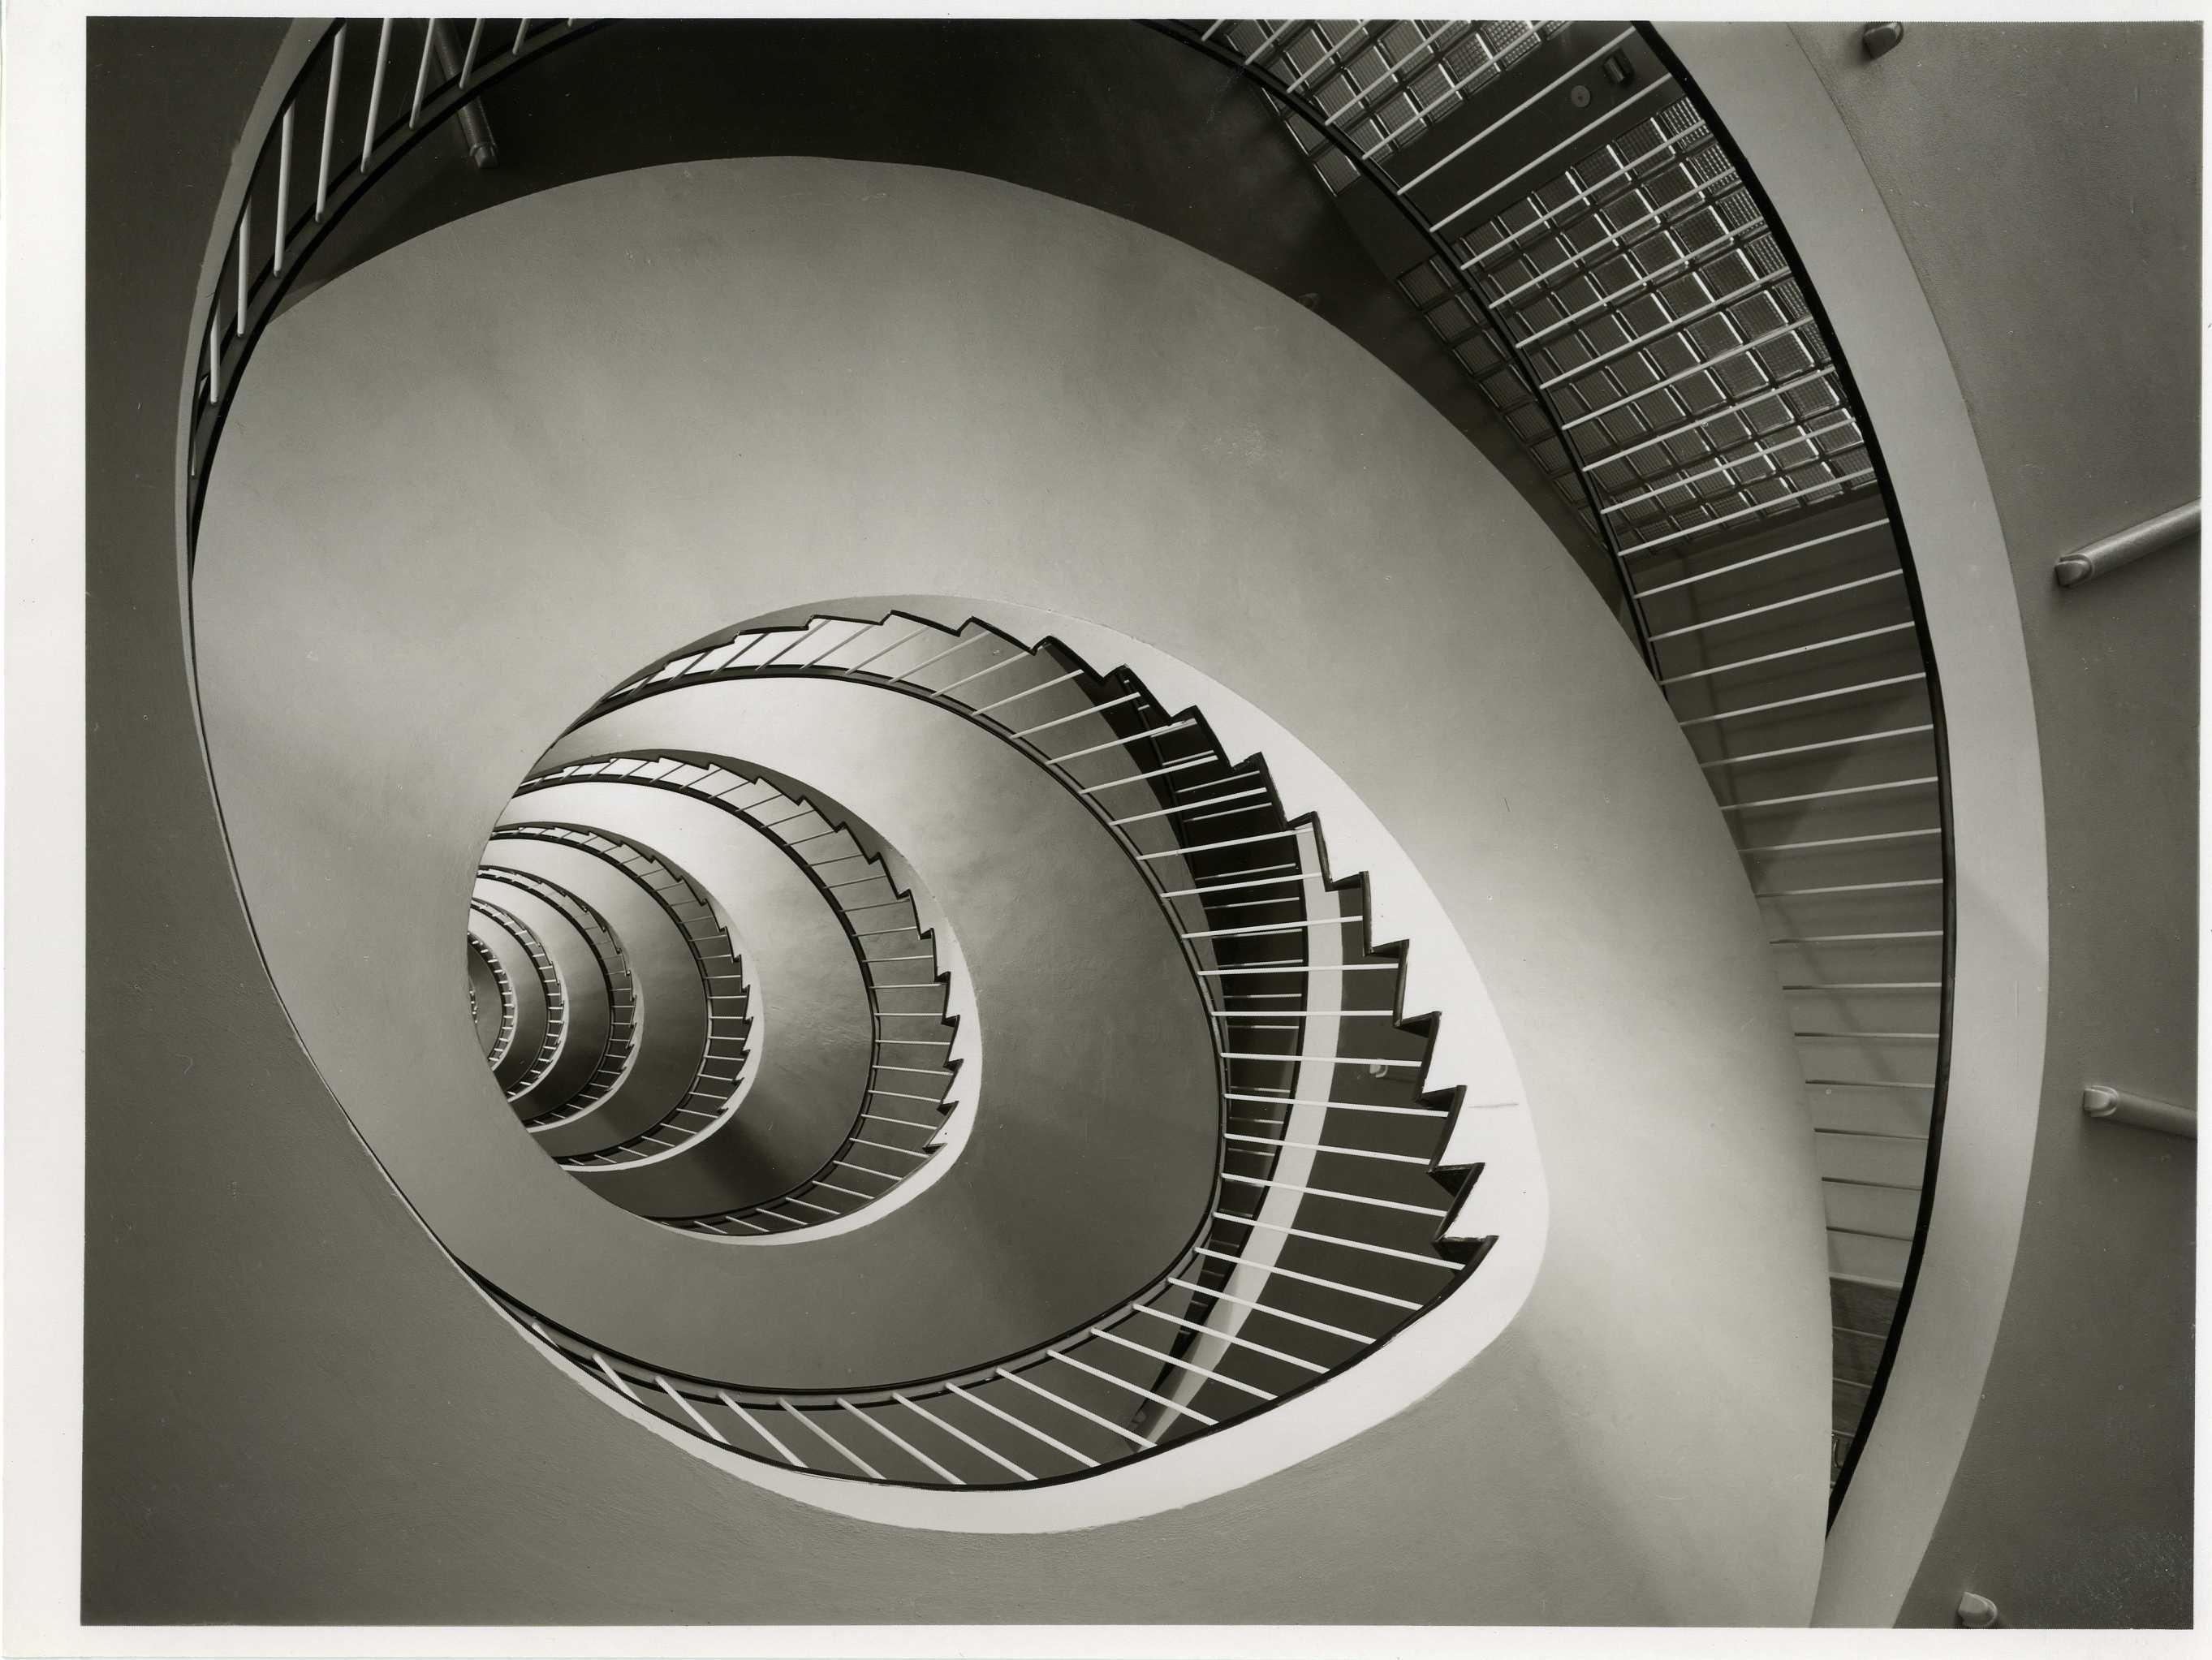 Treppenhaus der ARAG-Hauptverwaltung, Düsseldorf, Heinrichstraße 155, Entwurf Helmut Rhode (RKW) 1956, Photographie von Karl Hugo Schmölz